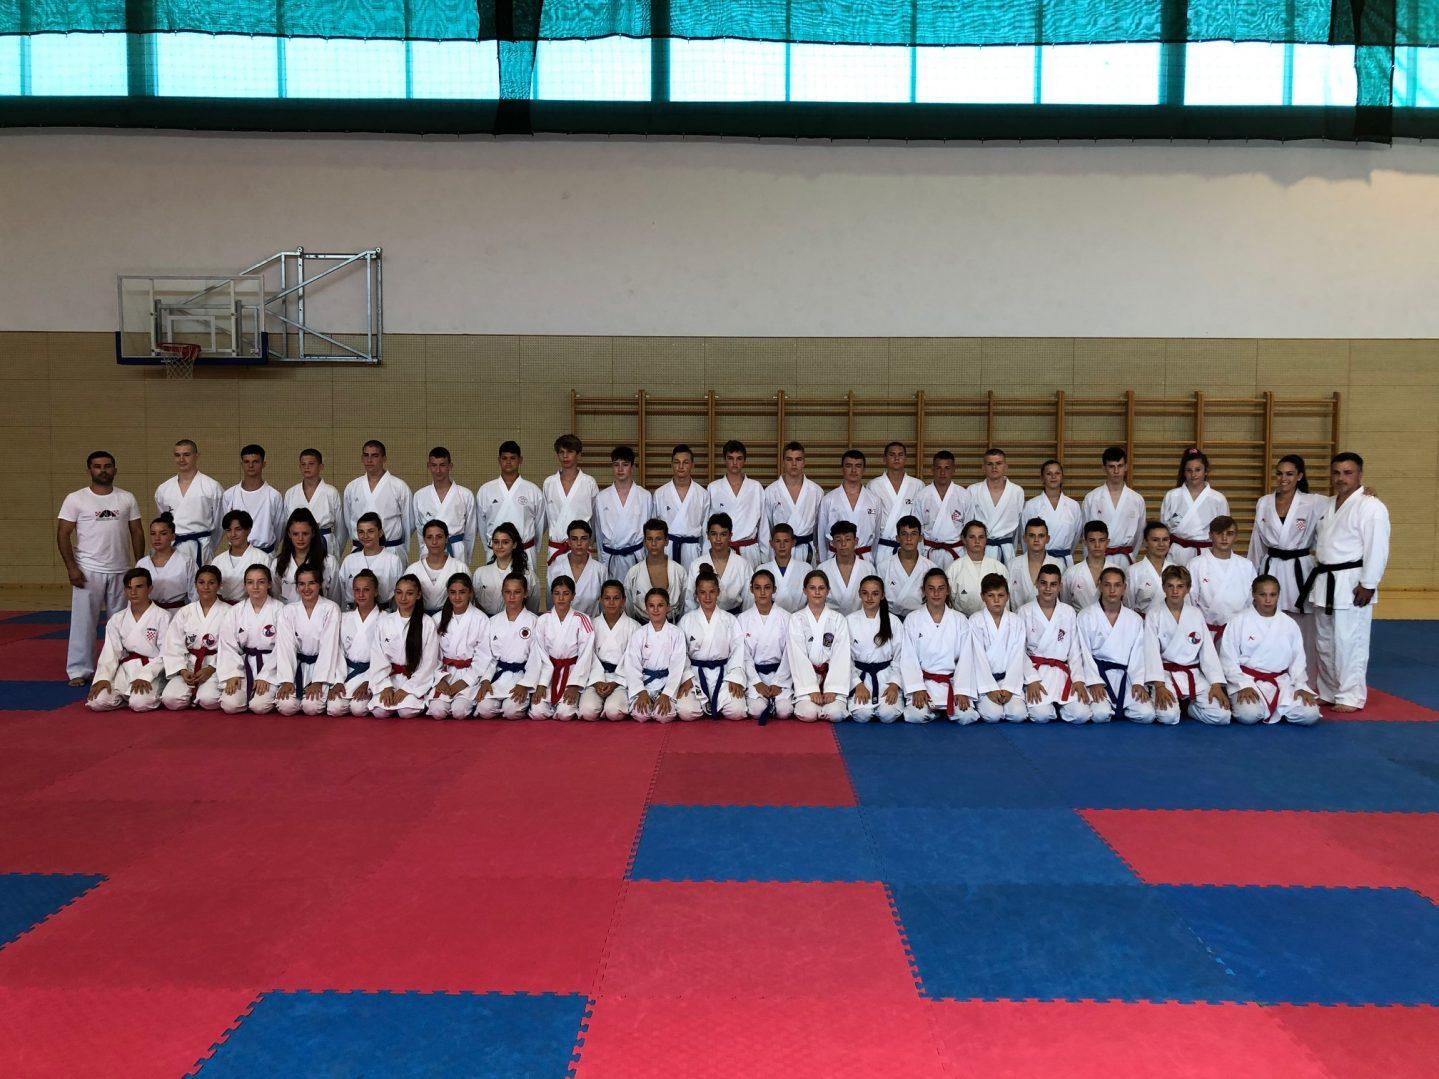 hrvatska karate reprezentacija 7